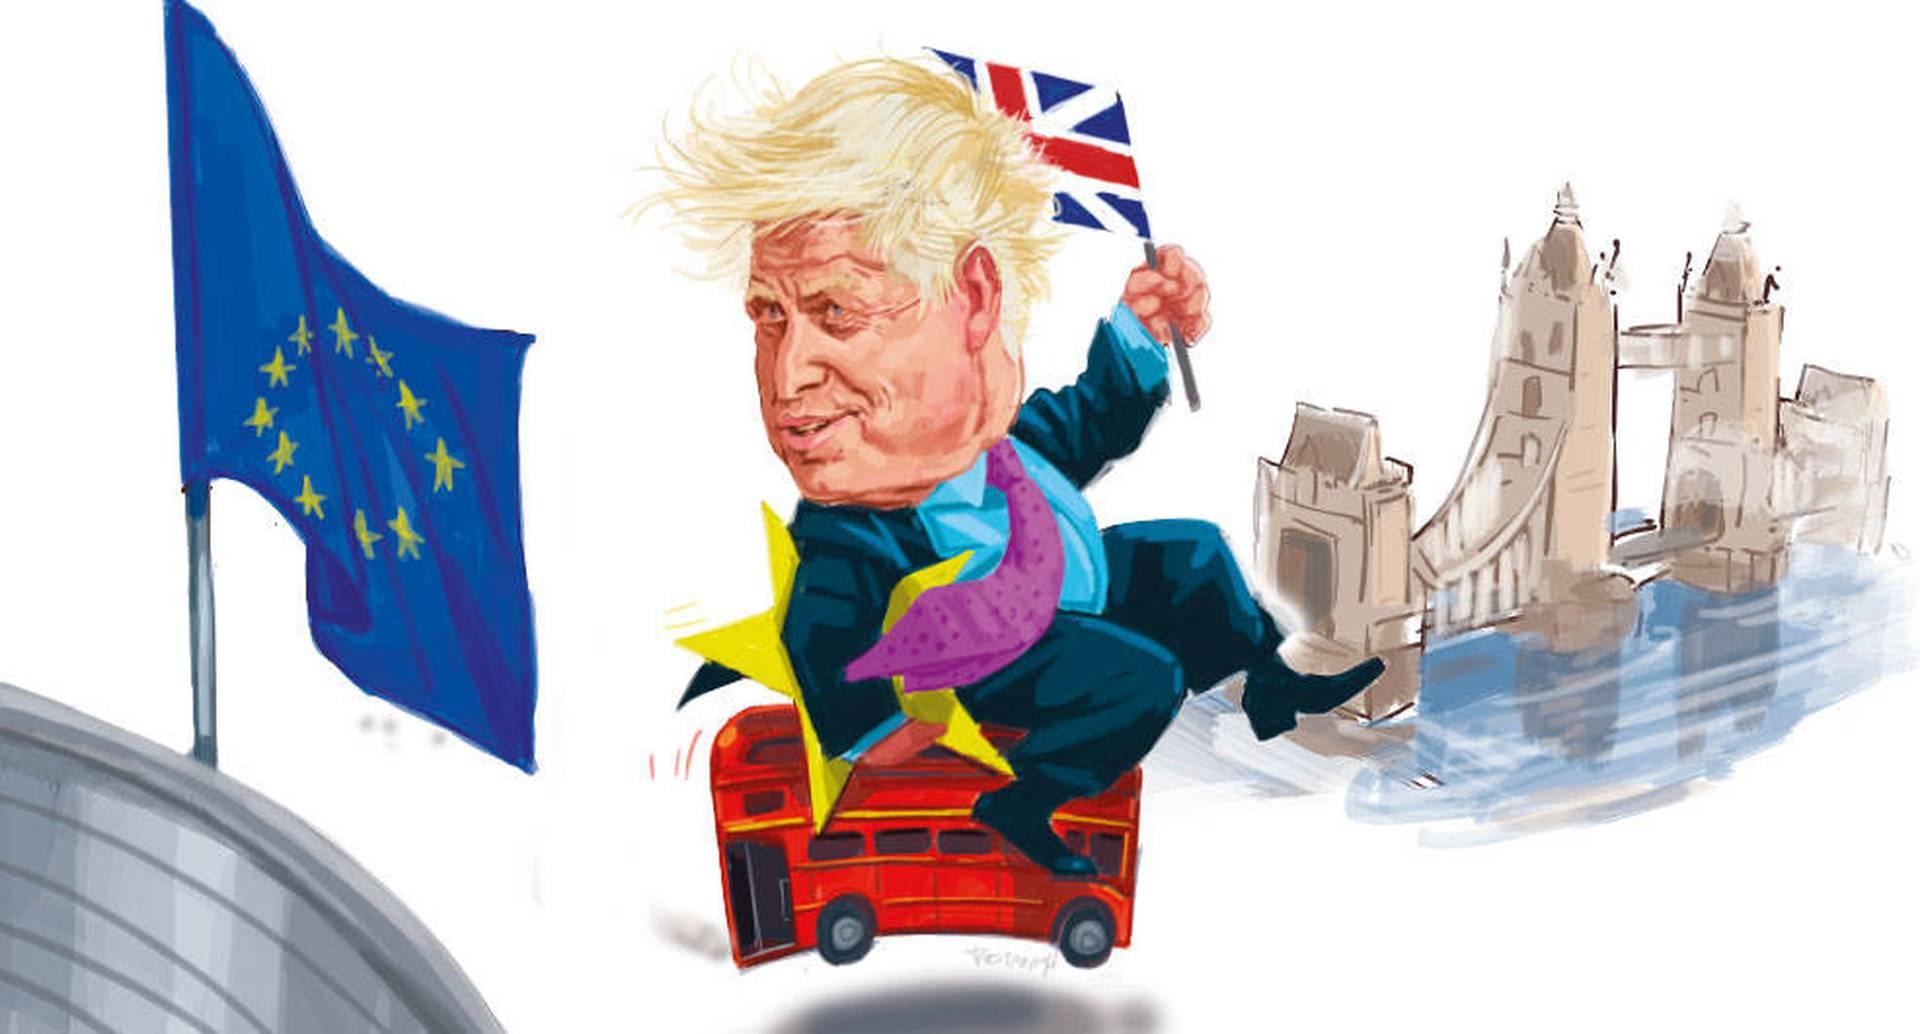 Si Johnson cumple su deseo de lograr un acuerdo rápido, el 31 de diciembre de 2020 marcaría el fin de las negociaciones y del periodo de transición. Caricatura: Jorge Restrepo